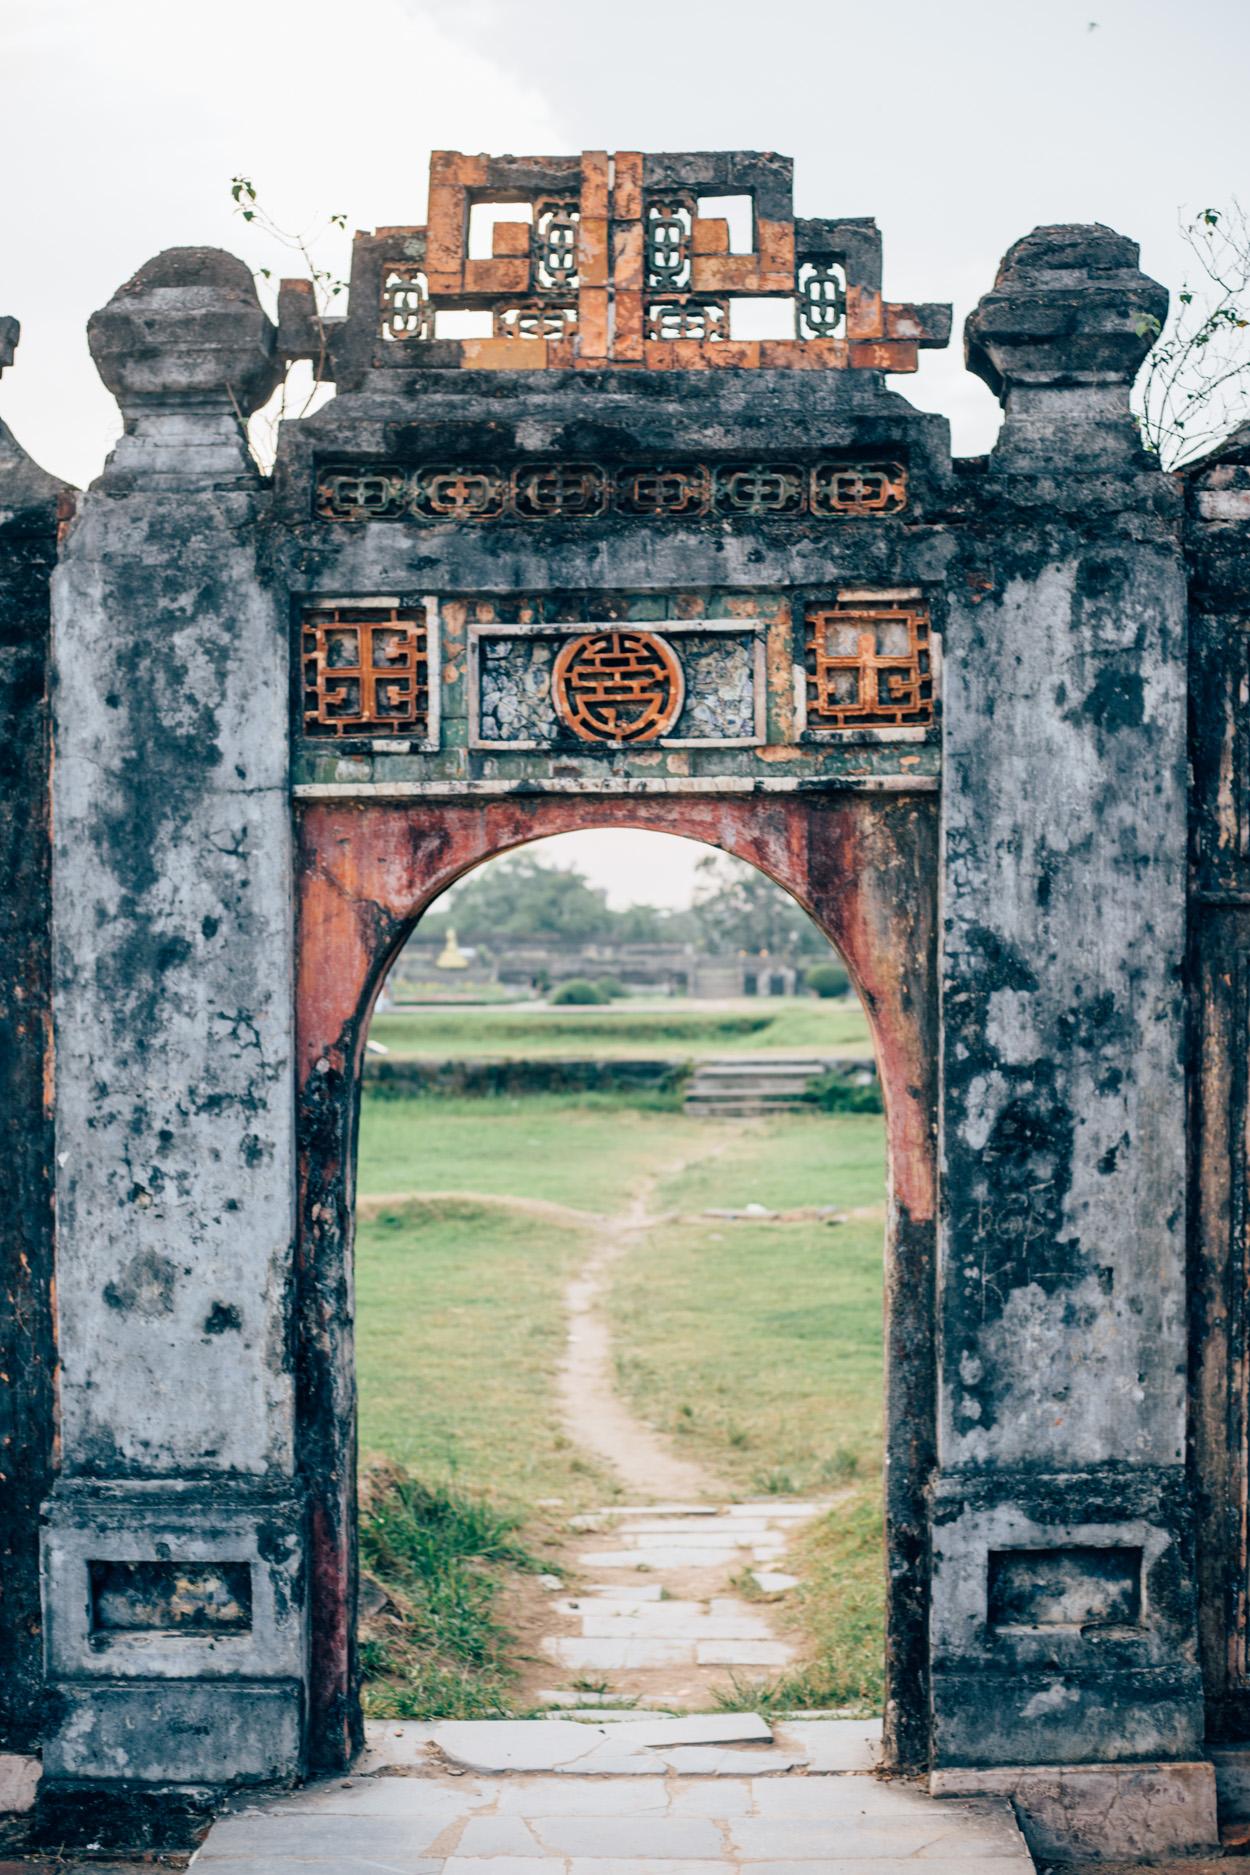 Imperial City(Dai noi) - Huế, Thua Thien Hue, Vietnam